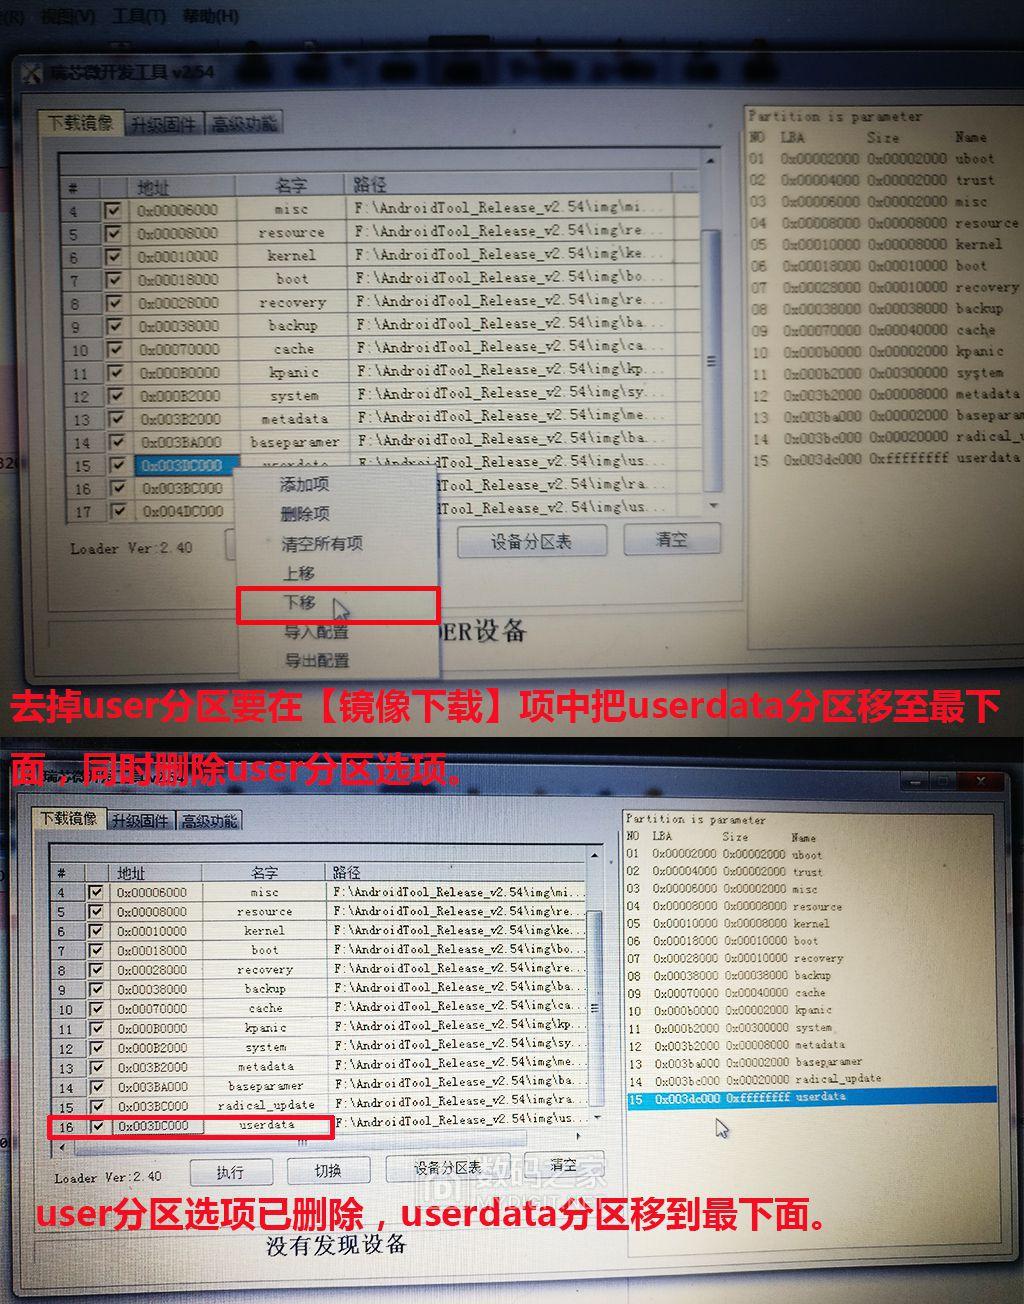 34-去掉user分区要删除下载镜像里的user分区-ok.jpg